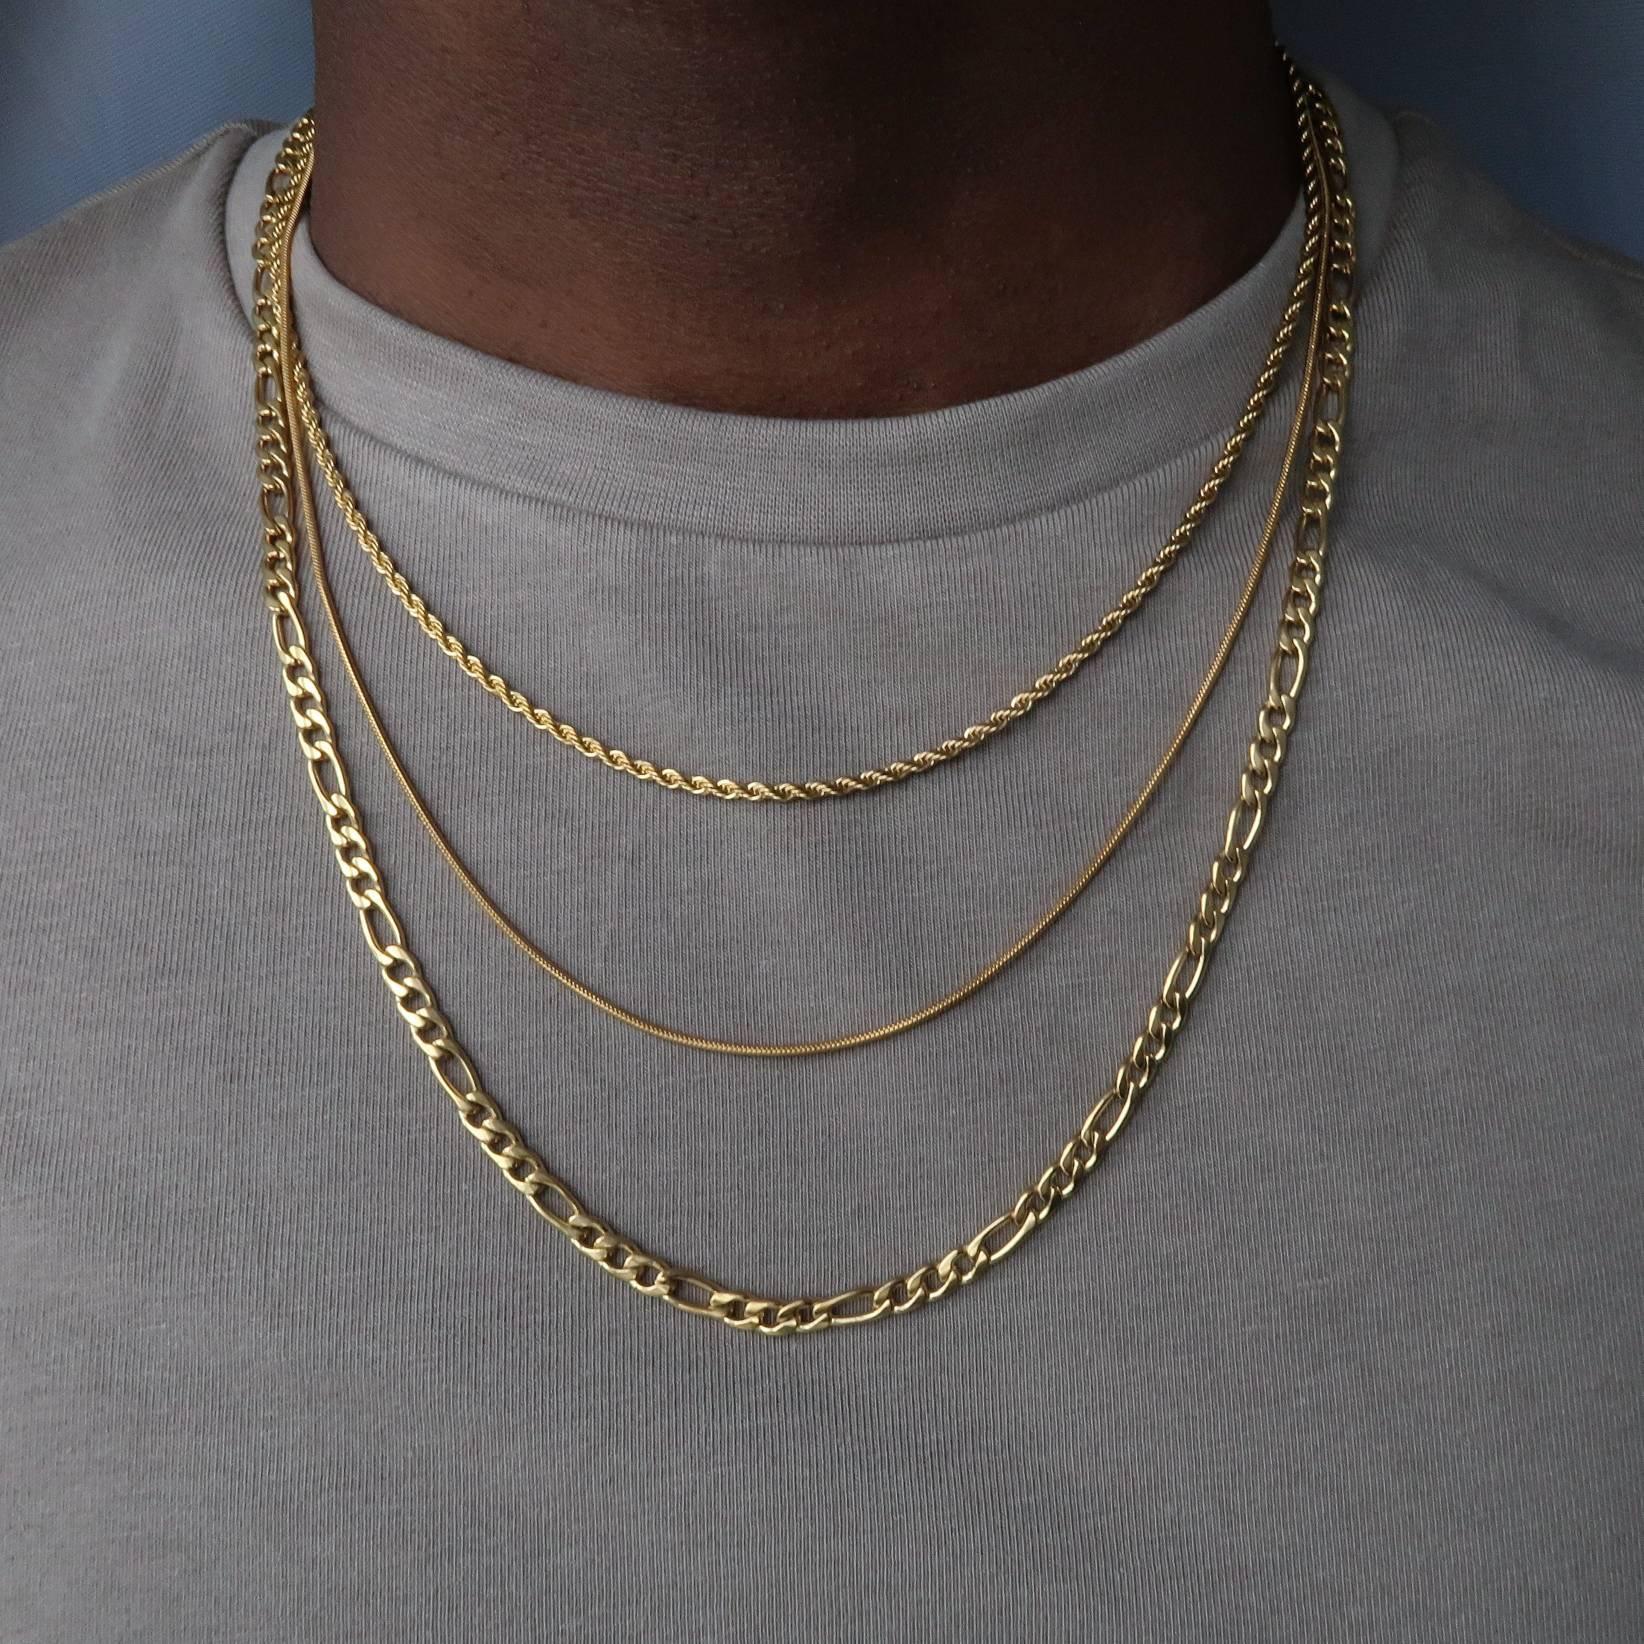 Men's Chain Necklaces